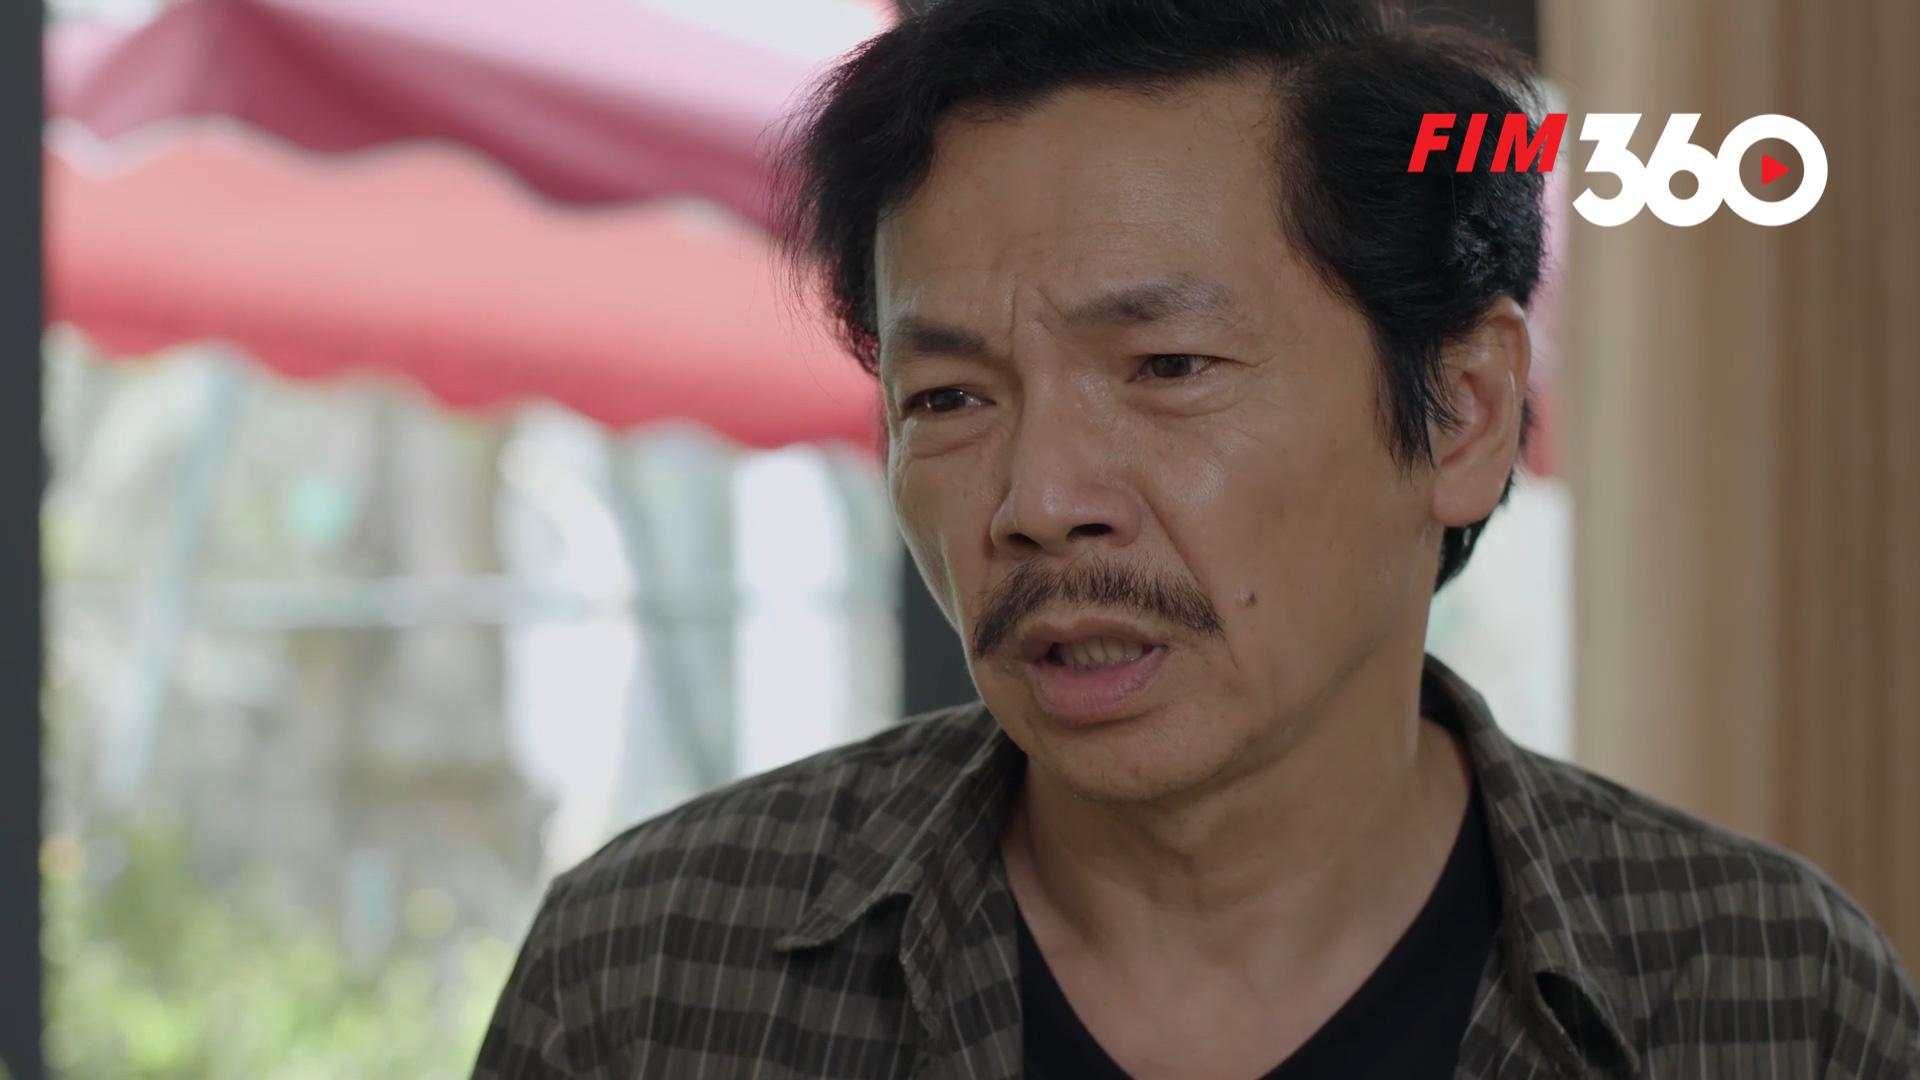 Ông Tôn 'lật bài ngửa', tuyên bố Huấn không thể cướp lấy Hà Vy trong tập 36 'Mặt nạ hạnh phúc' 14